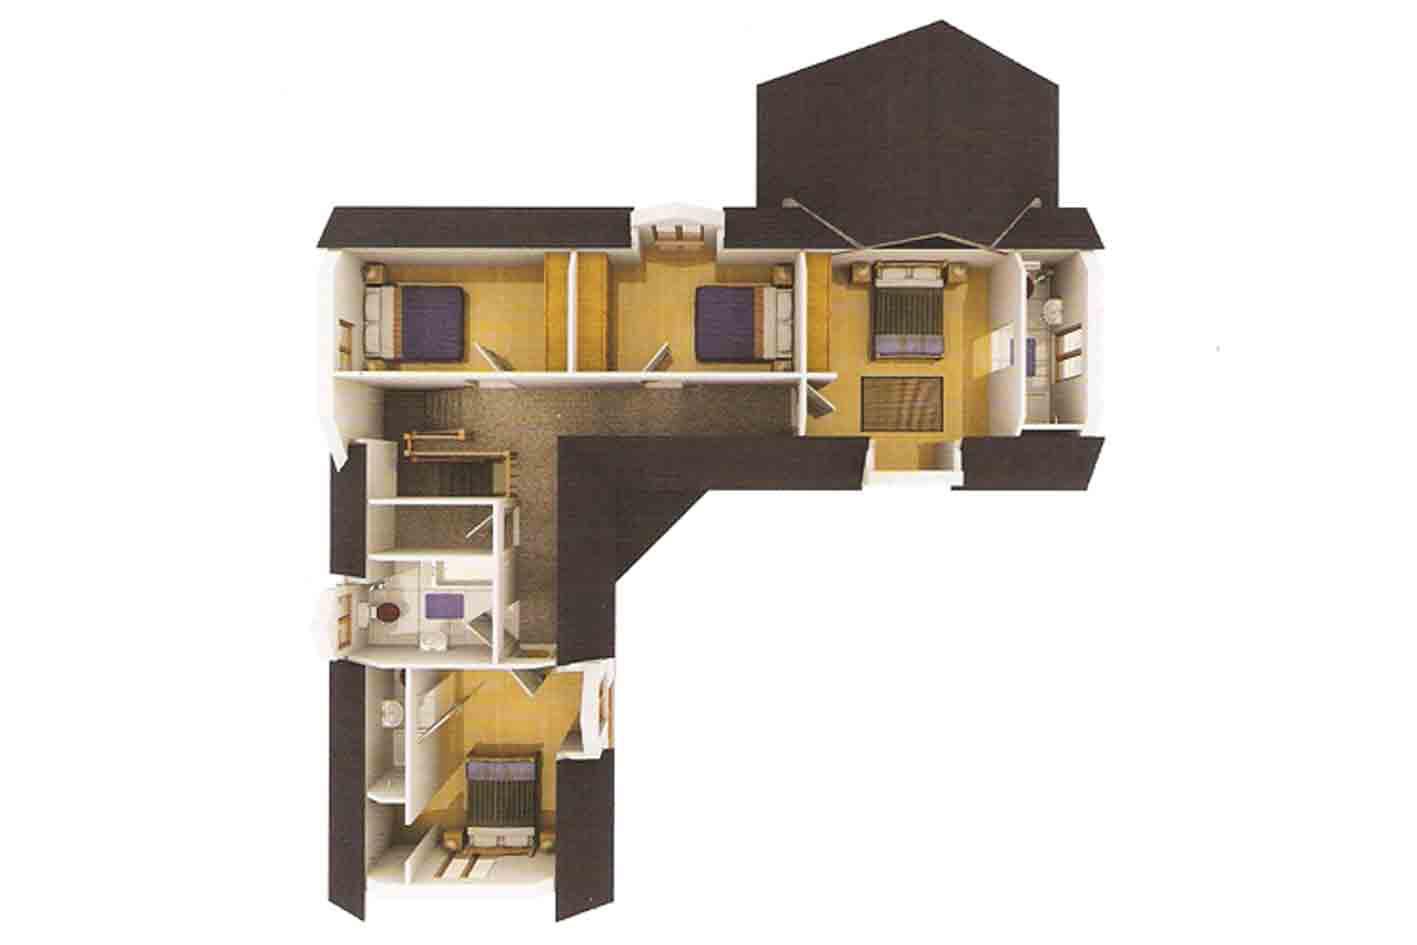 KIMMAGE IRISH HOUSE